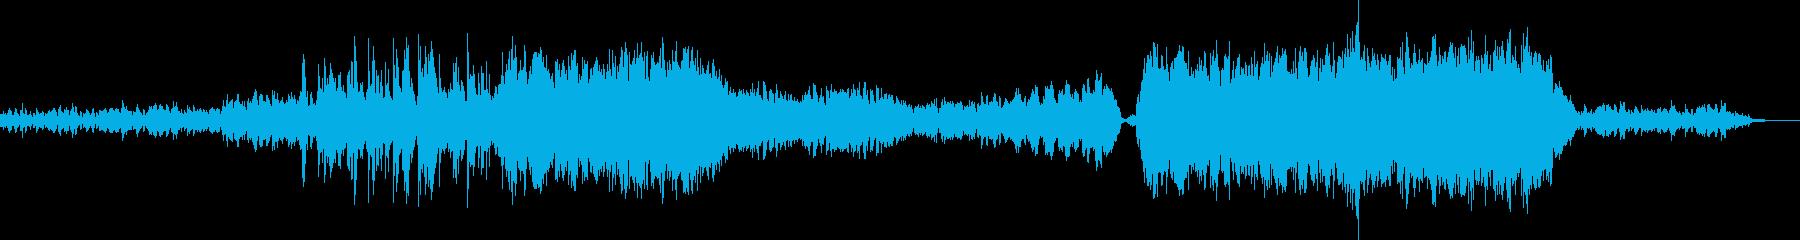 弦楽器の掛け合いがあるバラード調BGMの再生済みの波形